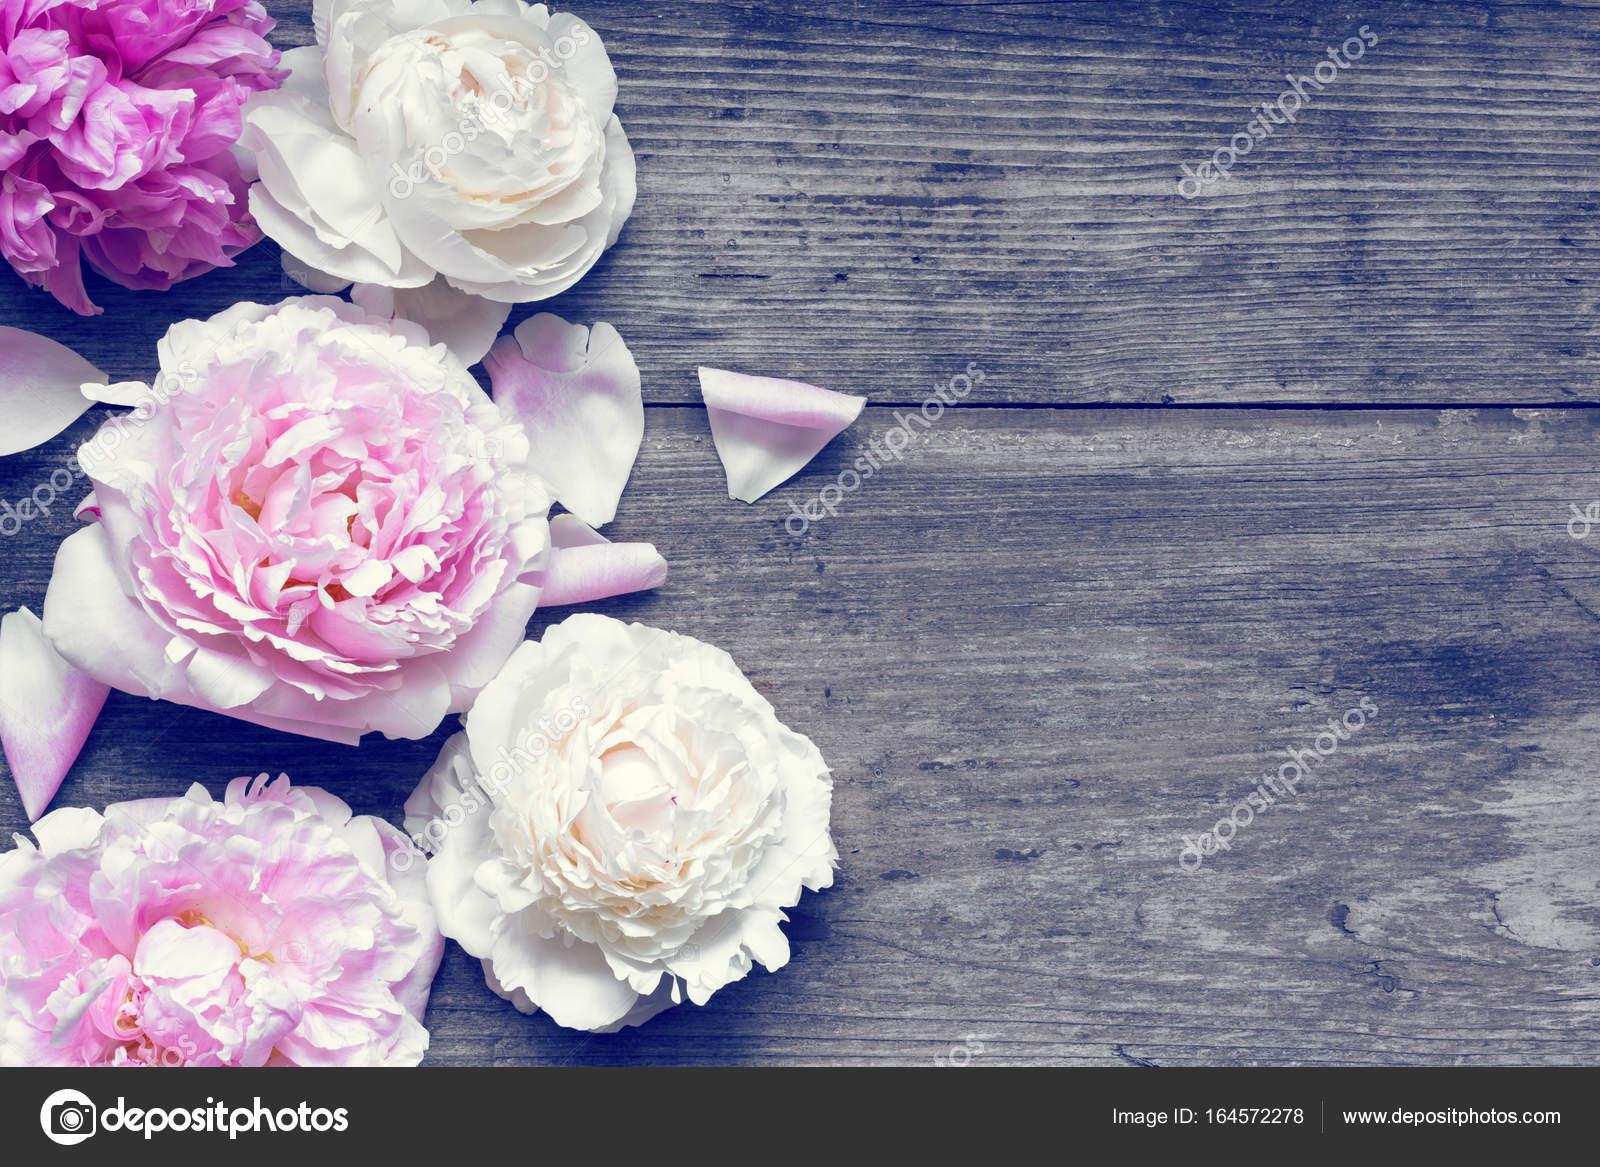 Auguri Matrimonio Anniversario : Matrimonio invito o anniversario auguri mockup decorata con fiori